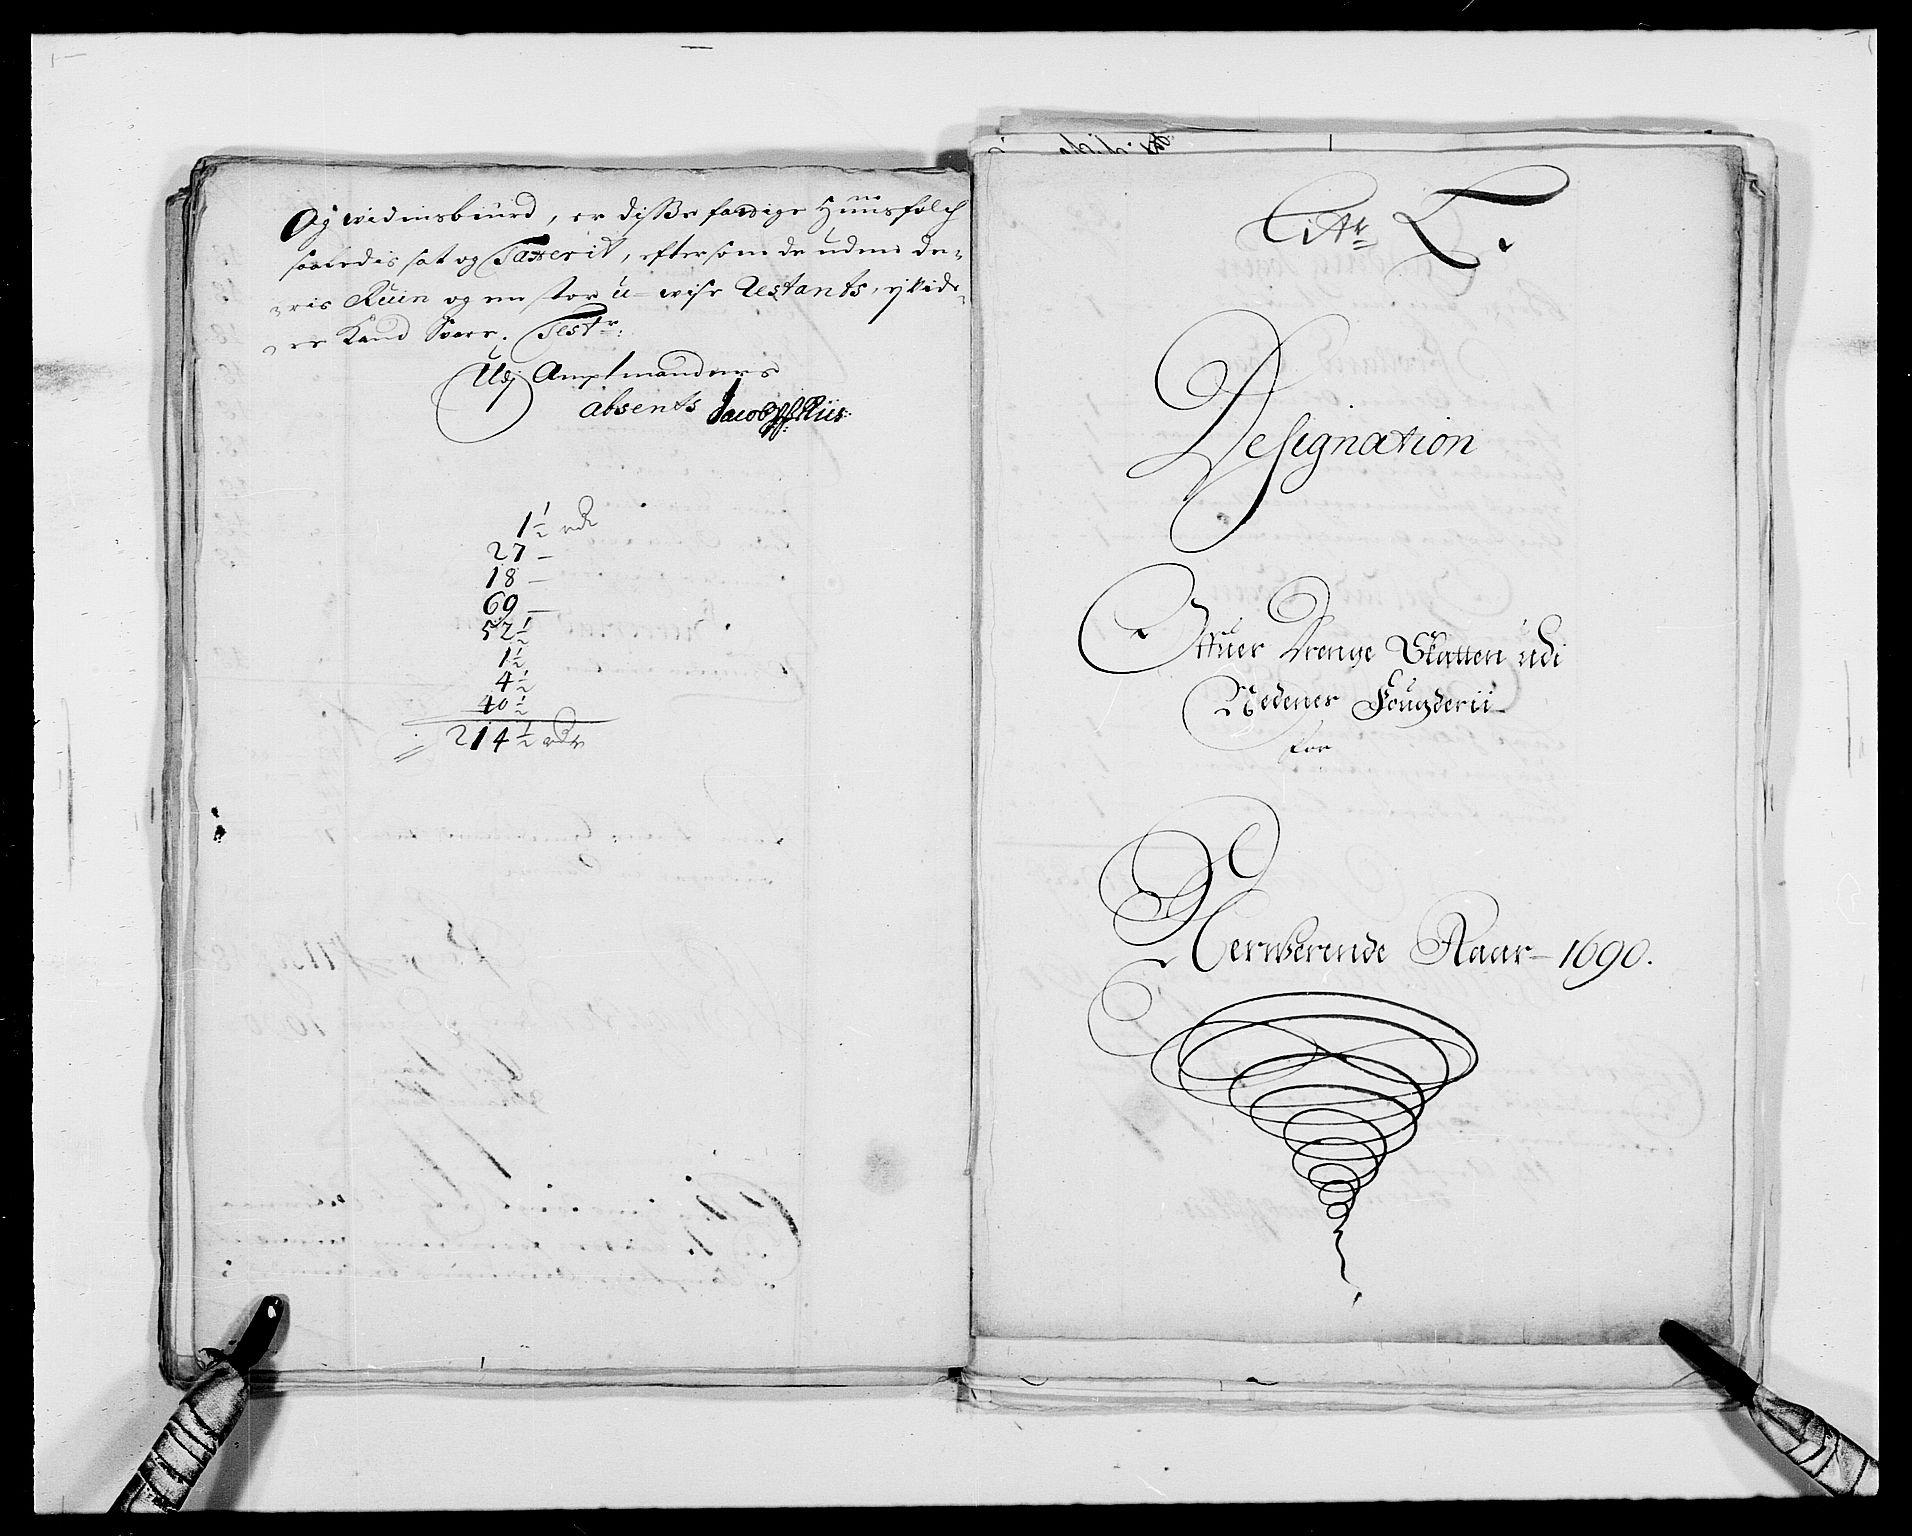 RA, Rentekammeret inntil 1814, Reviderte regnskaper, Fogderegnskap, R39/L2310: Fogderegnskap Nedenes, 1690-1692, s. 239